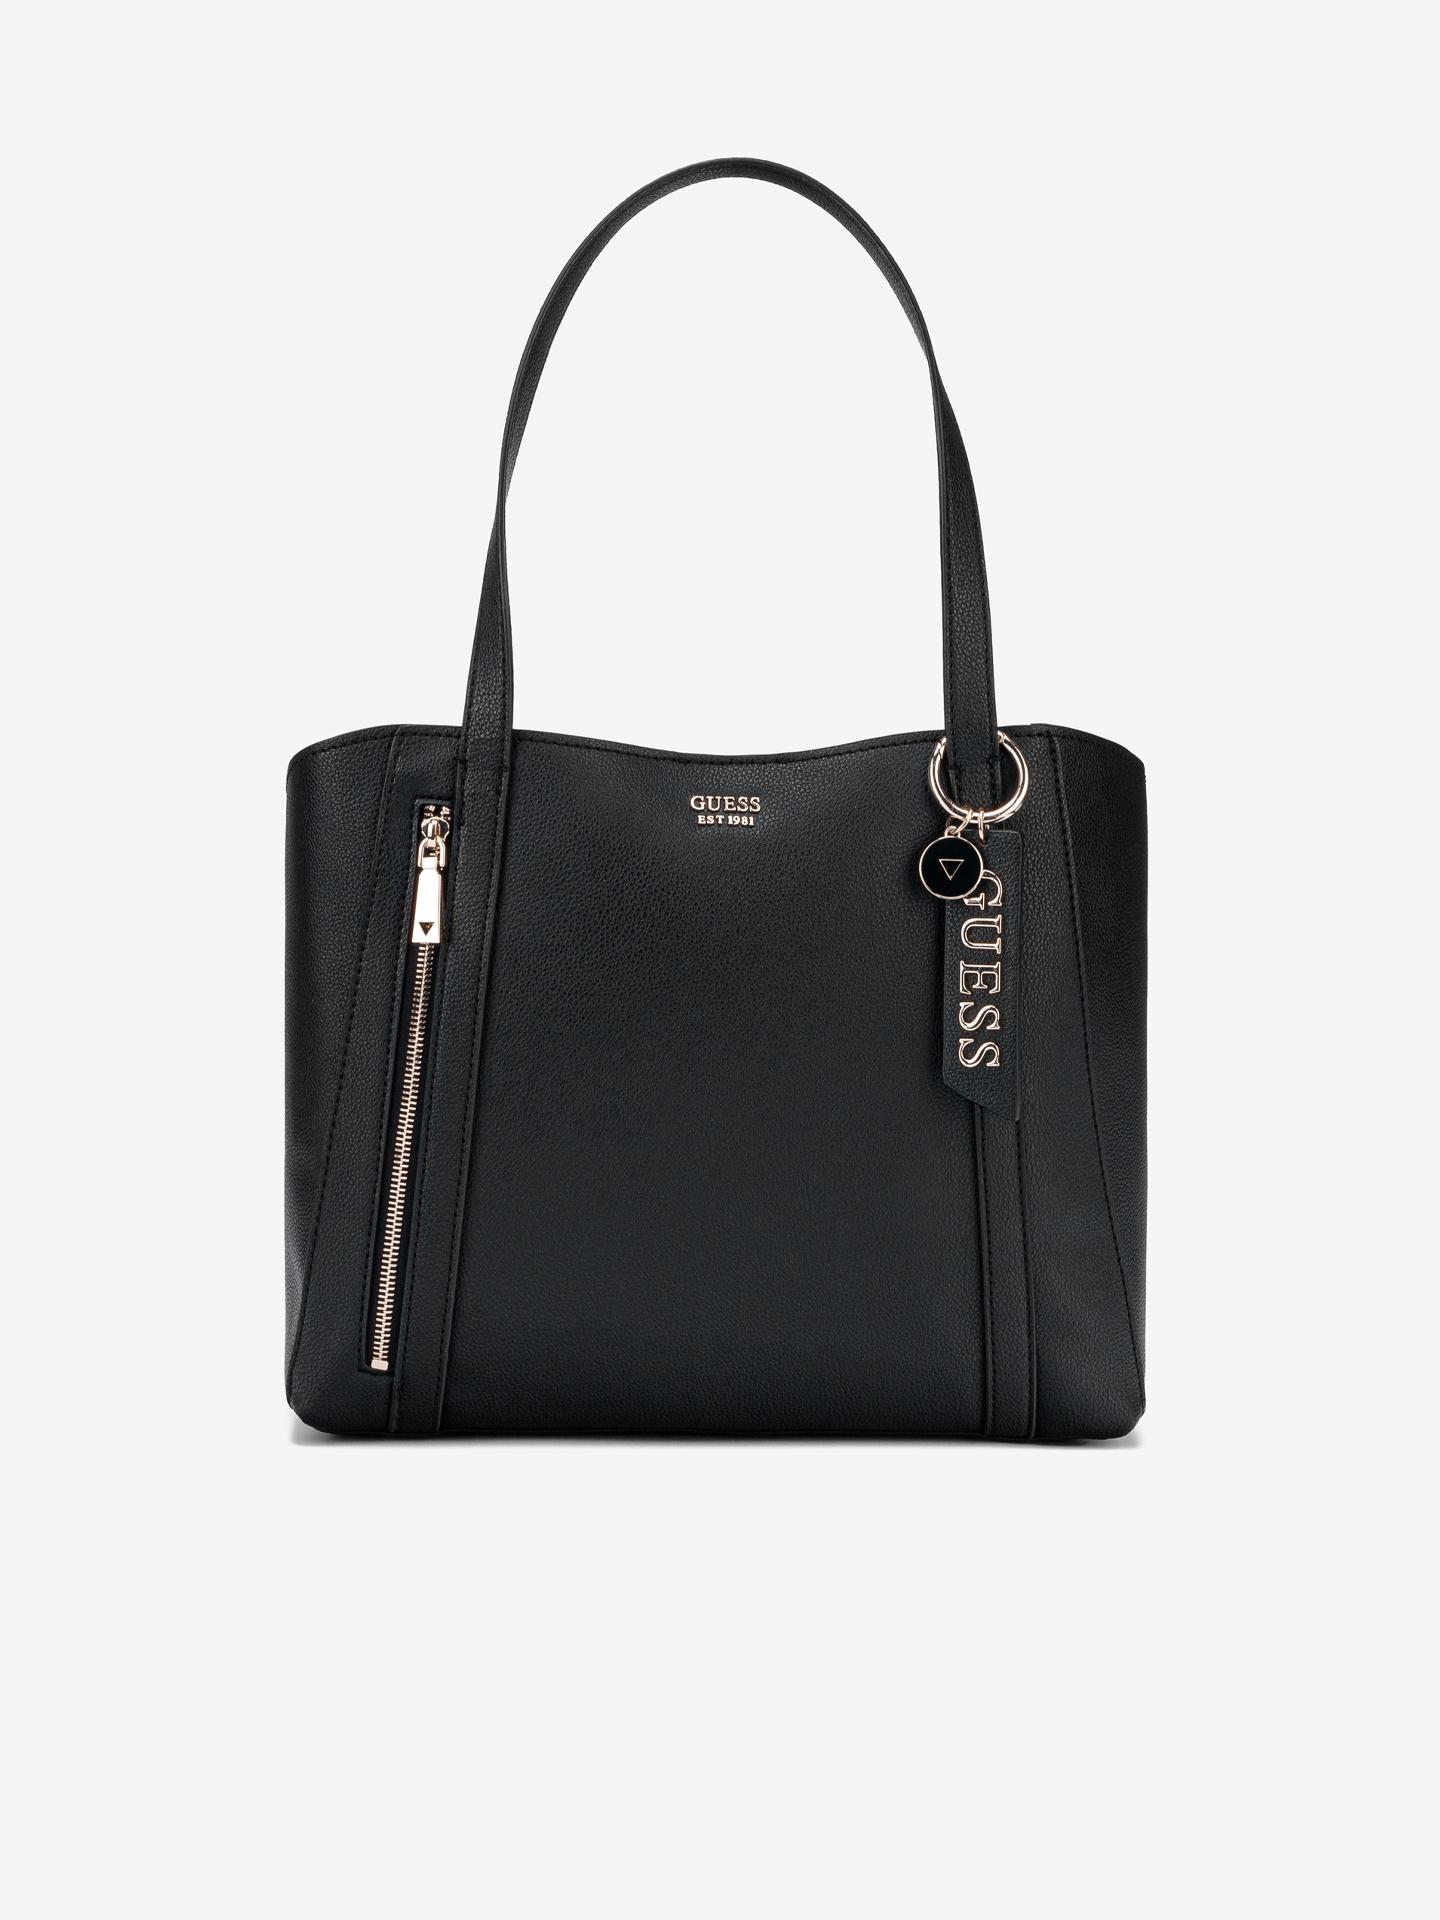 Guess black handbag Naya Front Zip